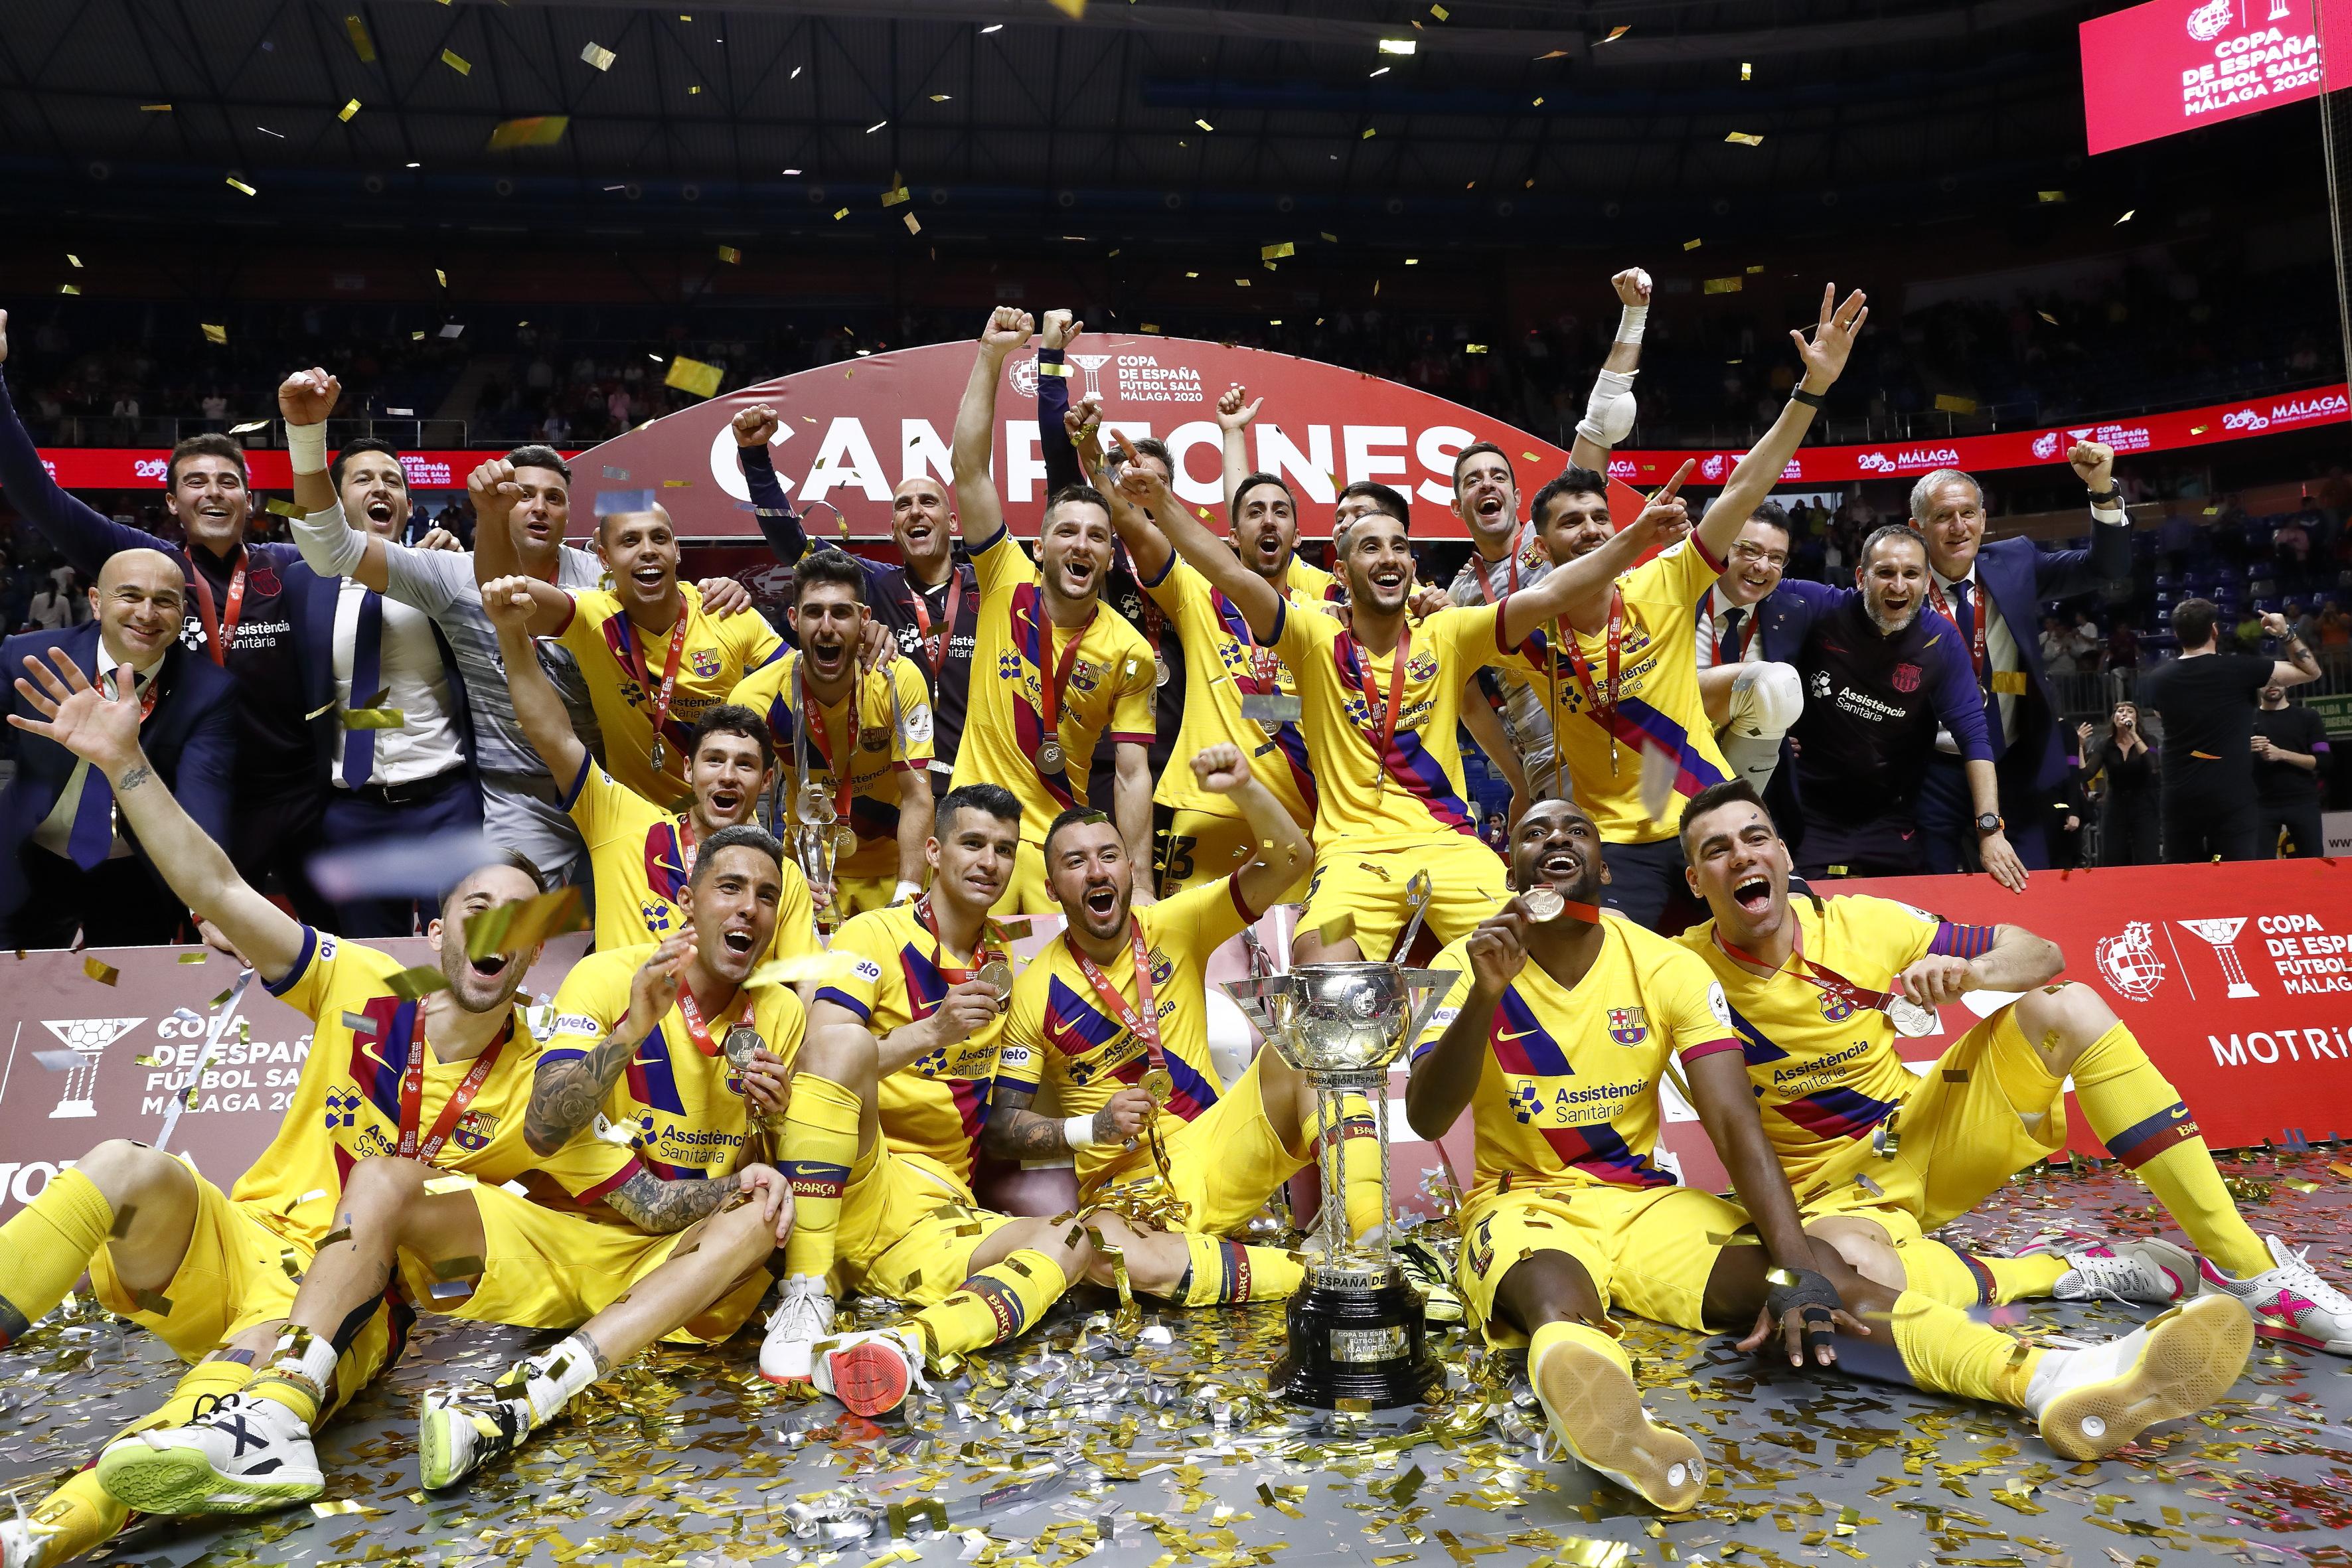 Por qué el FC Barcelona ganó la Copa de España de Fútbol Sala. El FC Barcelona ganó la Copa de España de Fútbol Sala celebrada en Málaga. Veamos desde un punto de vista muy persona porque el FC Barcelona ganó la Copa de España.